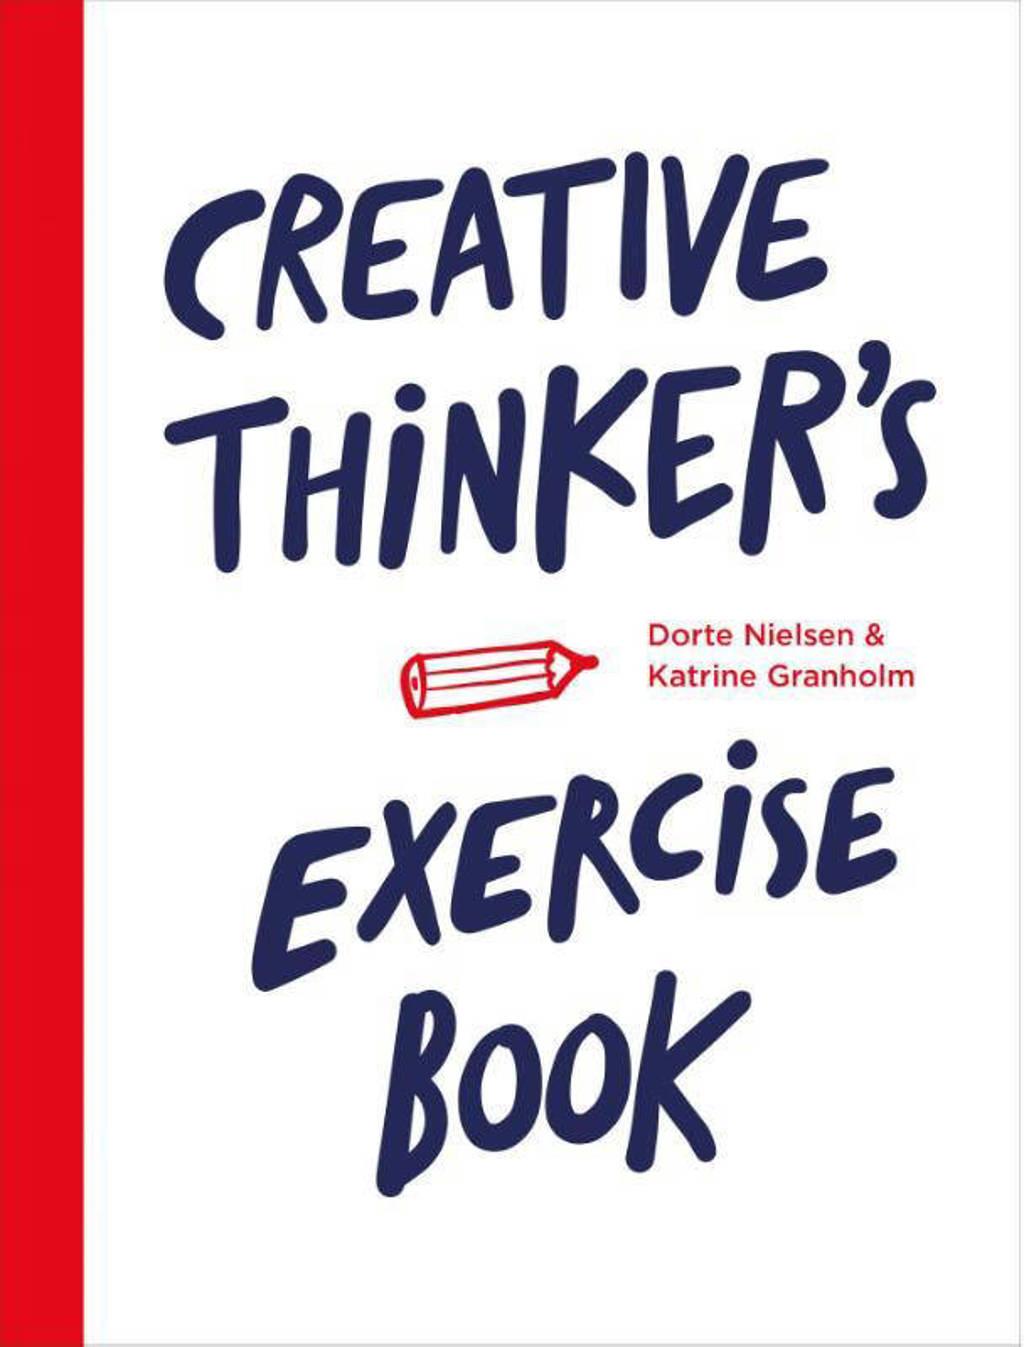 Creative thinker's exercise book - Dorte Nielsen en Katrine Granholm